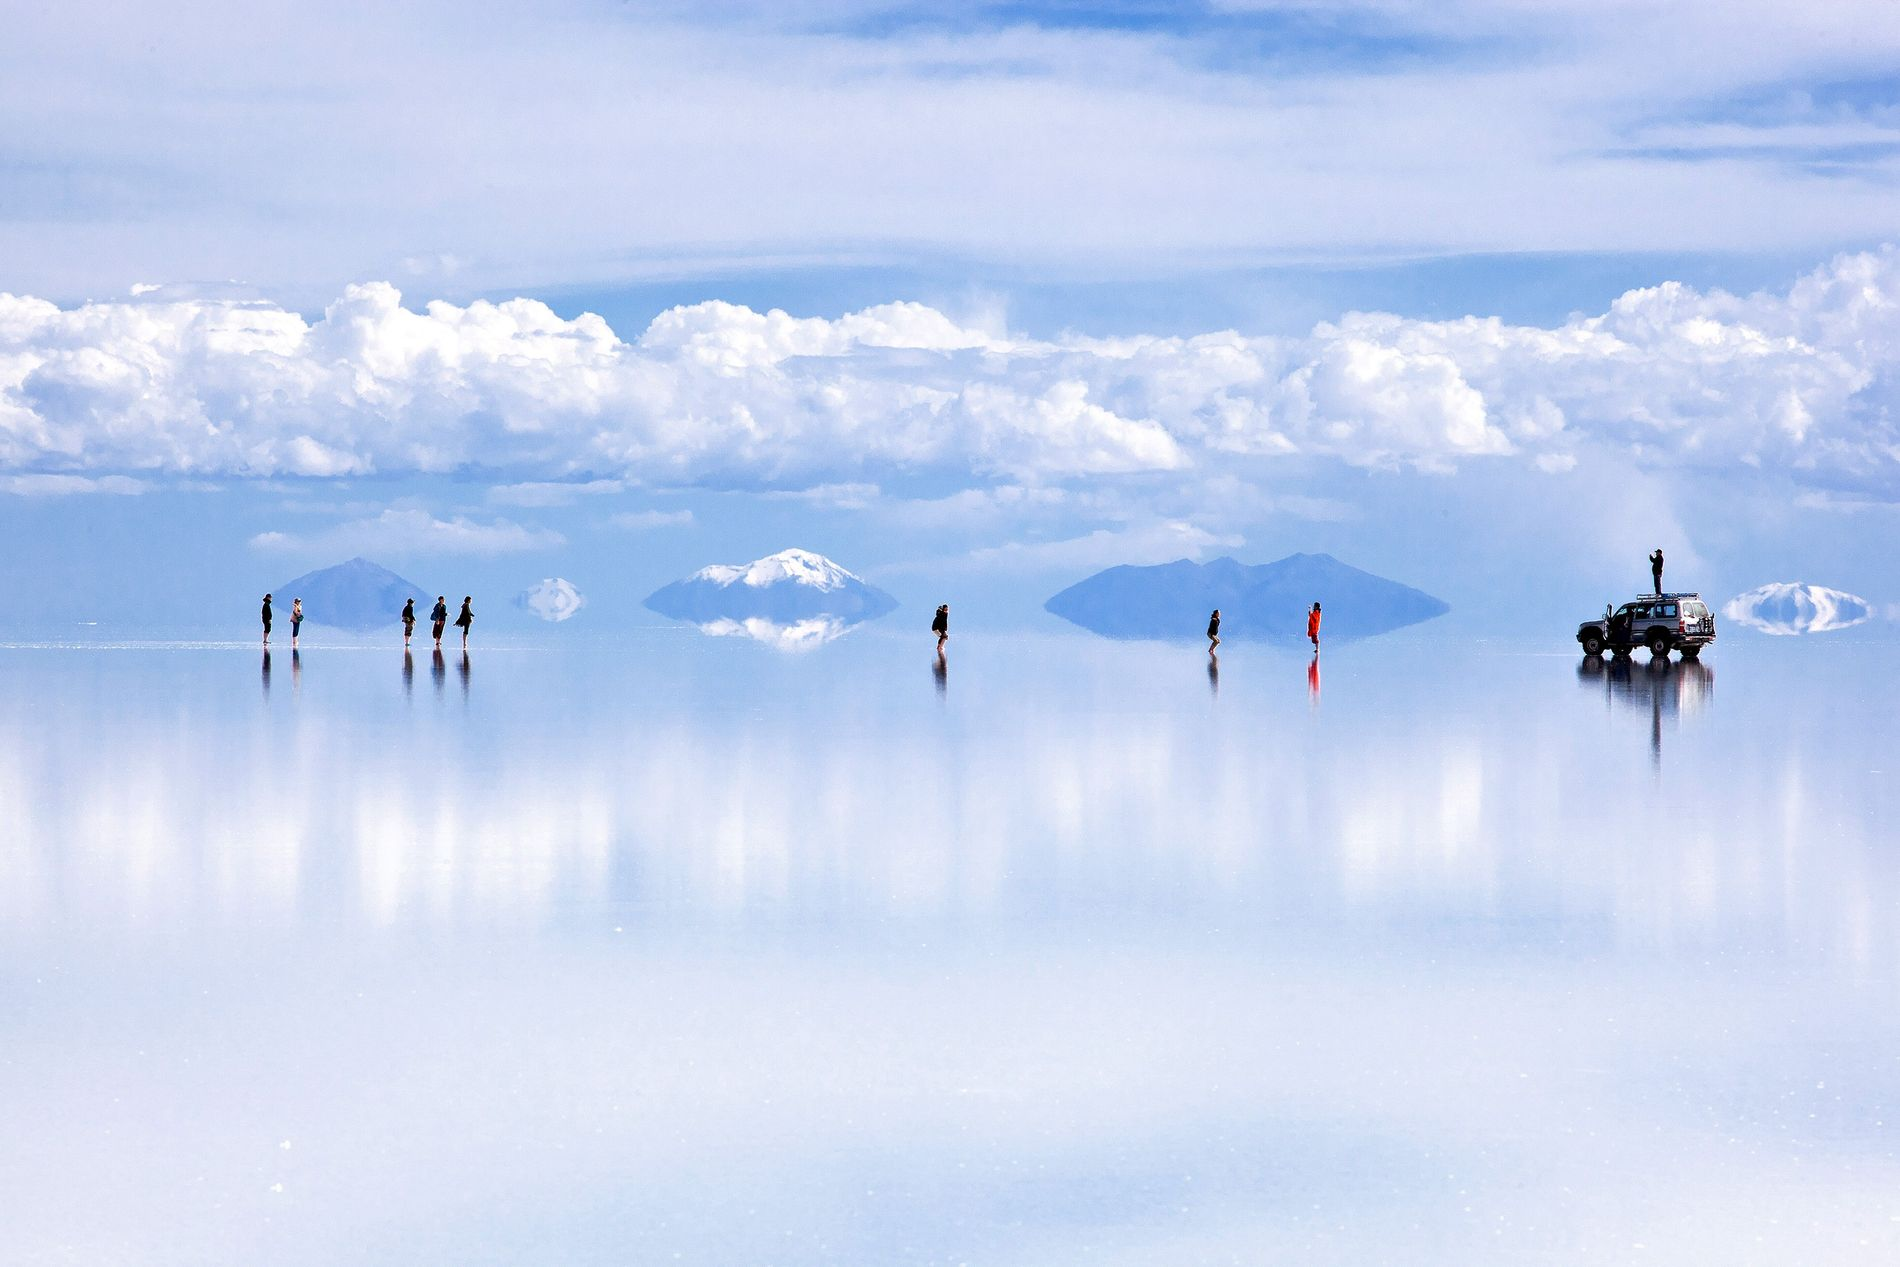 Uma fina camada de água transforma Salar de Uyuni, na Bolívia, numa tela de reflexos.